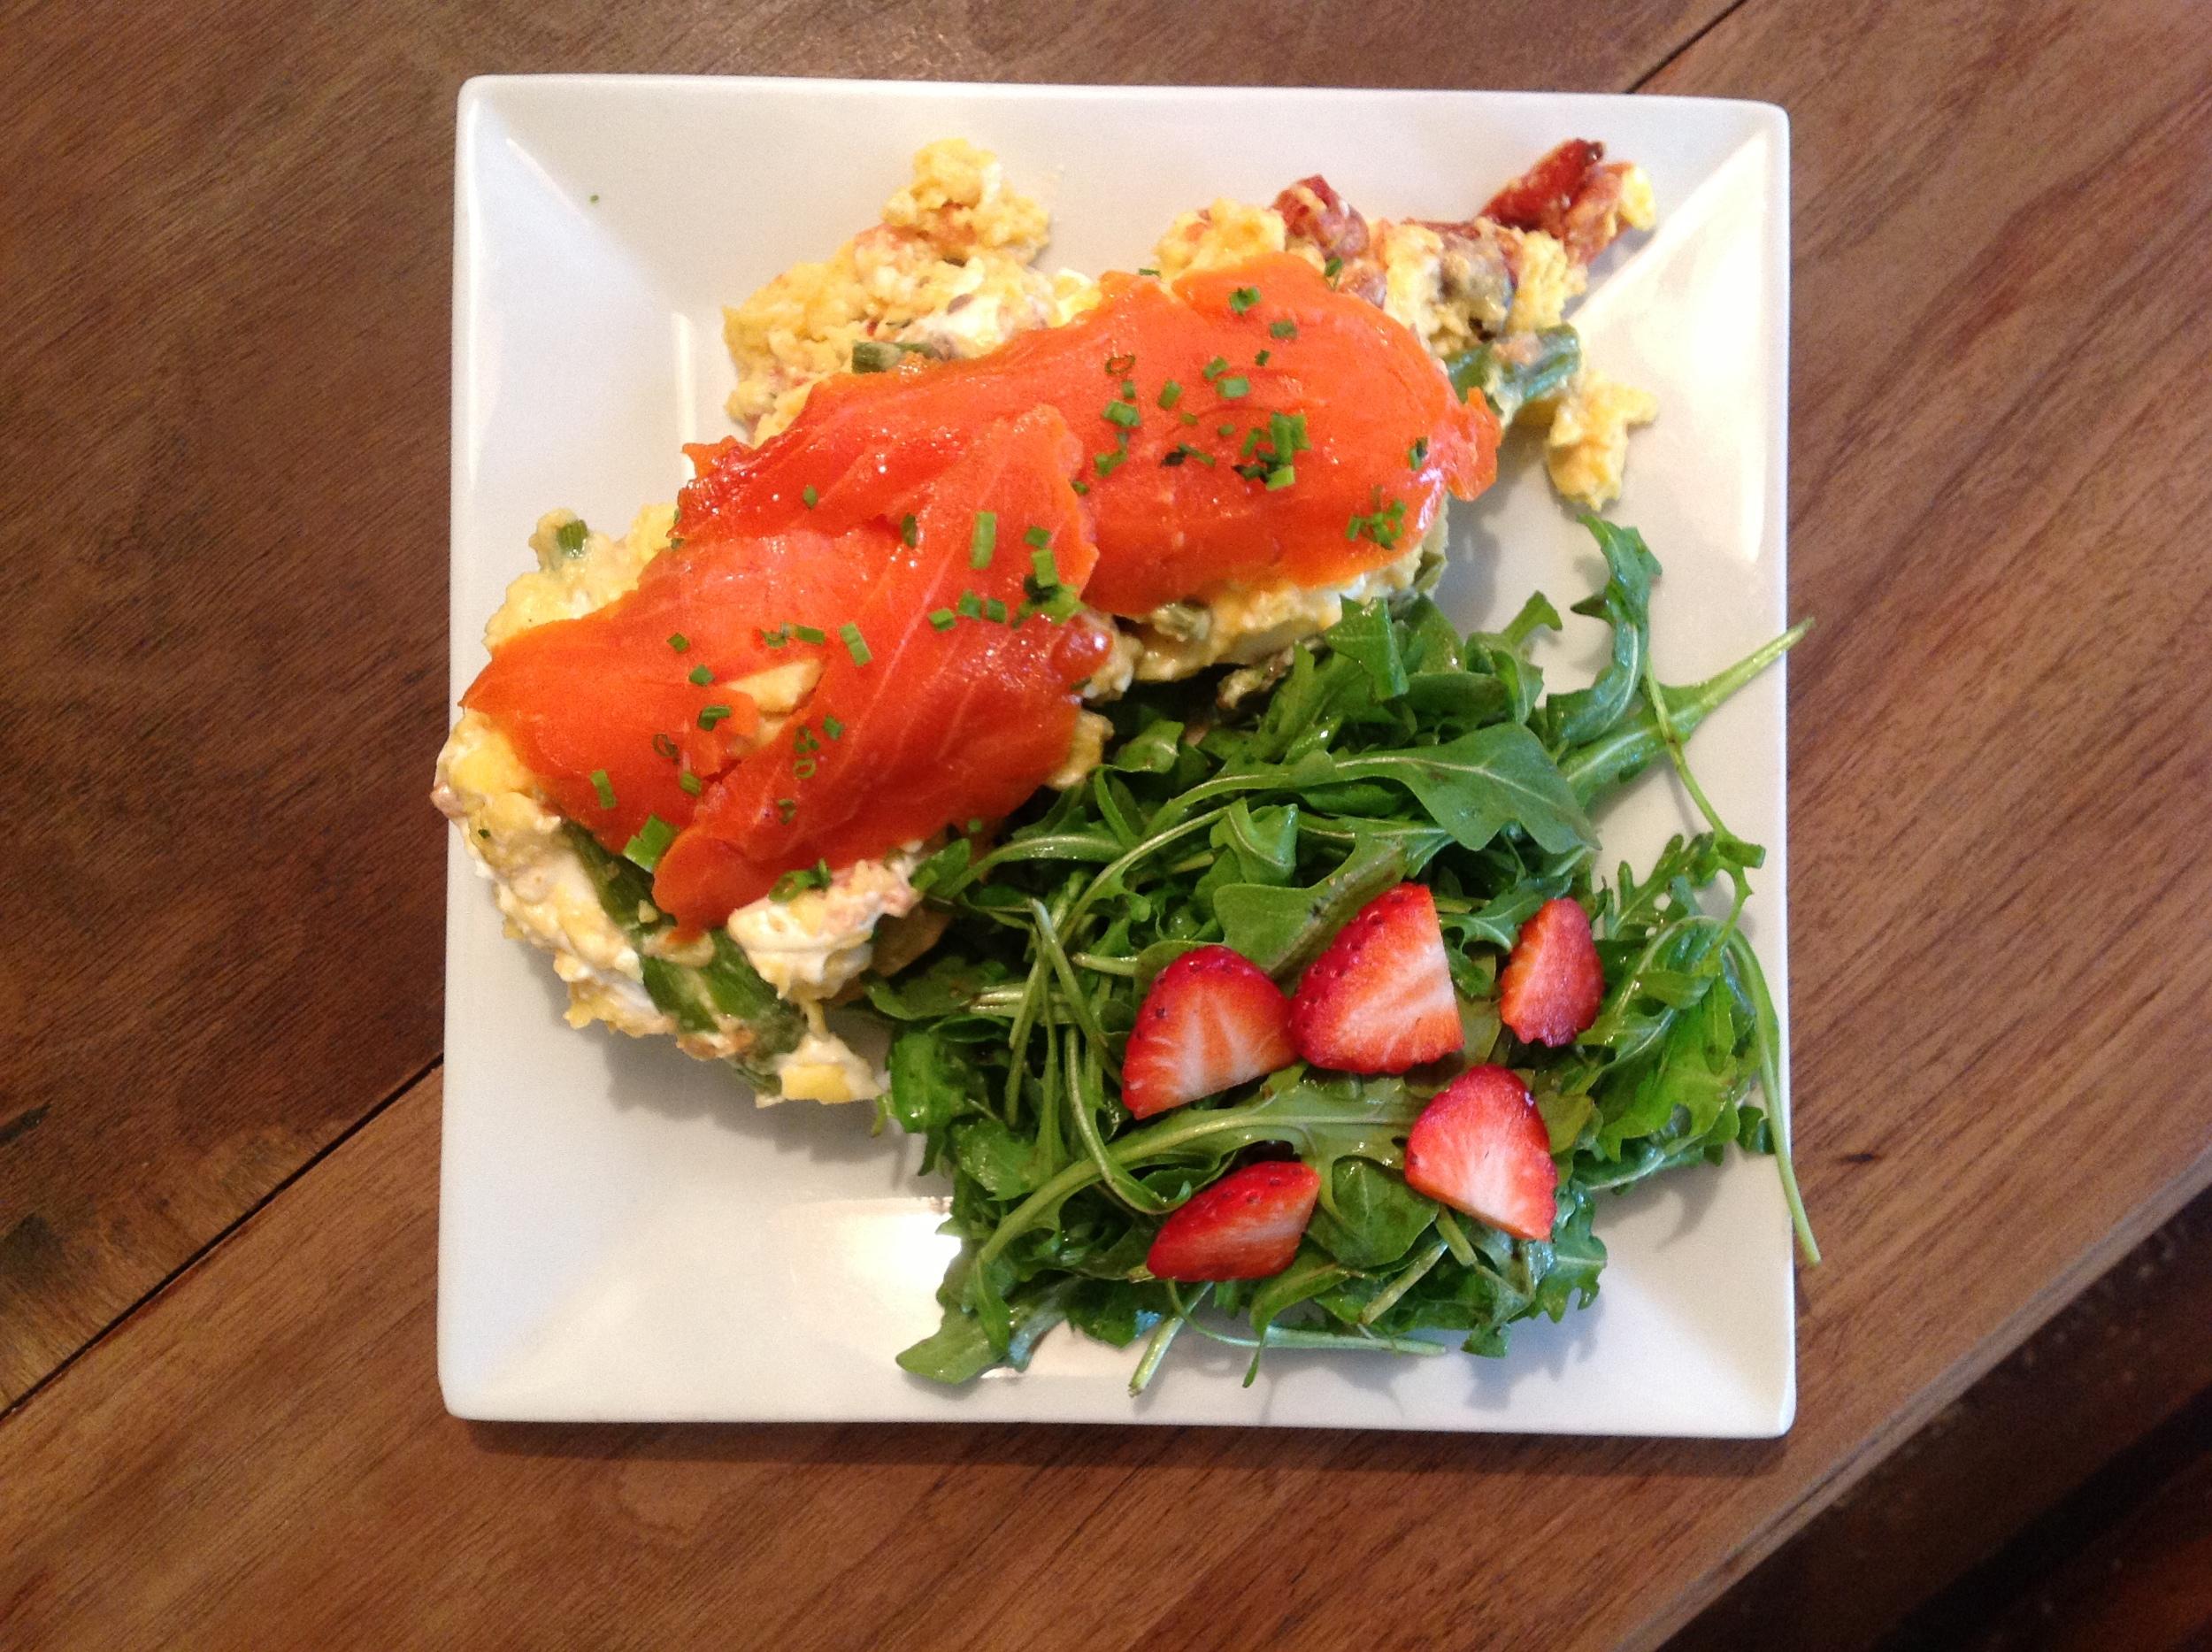 Sunrise Eggs, Chhaya Cafe